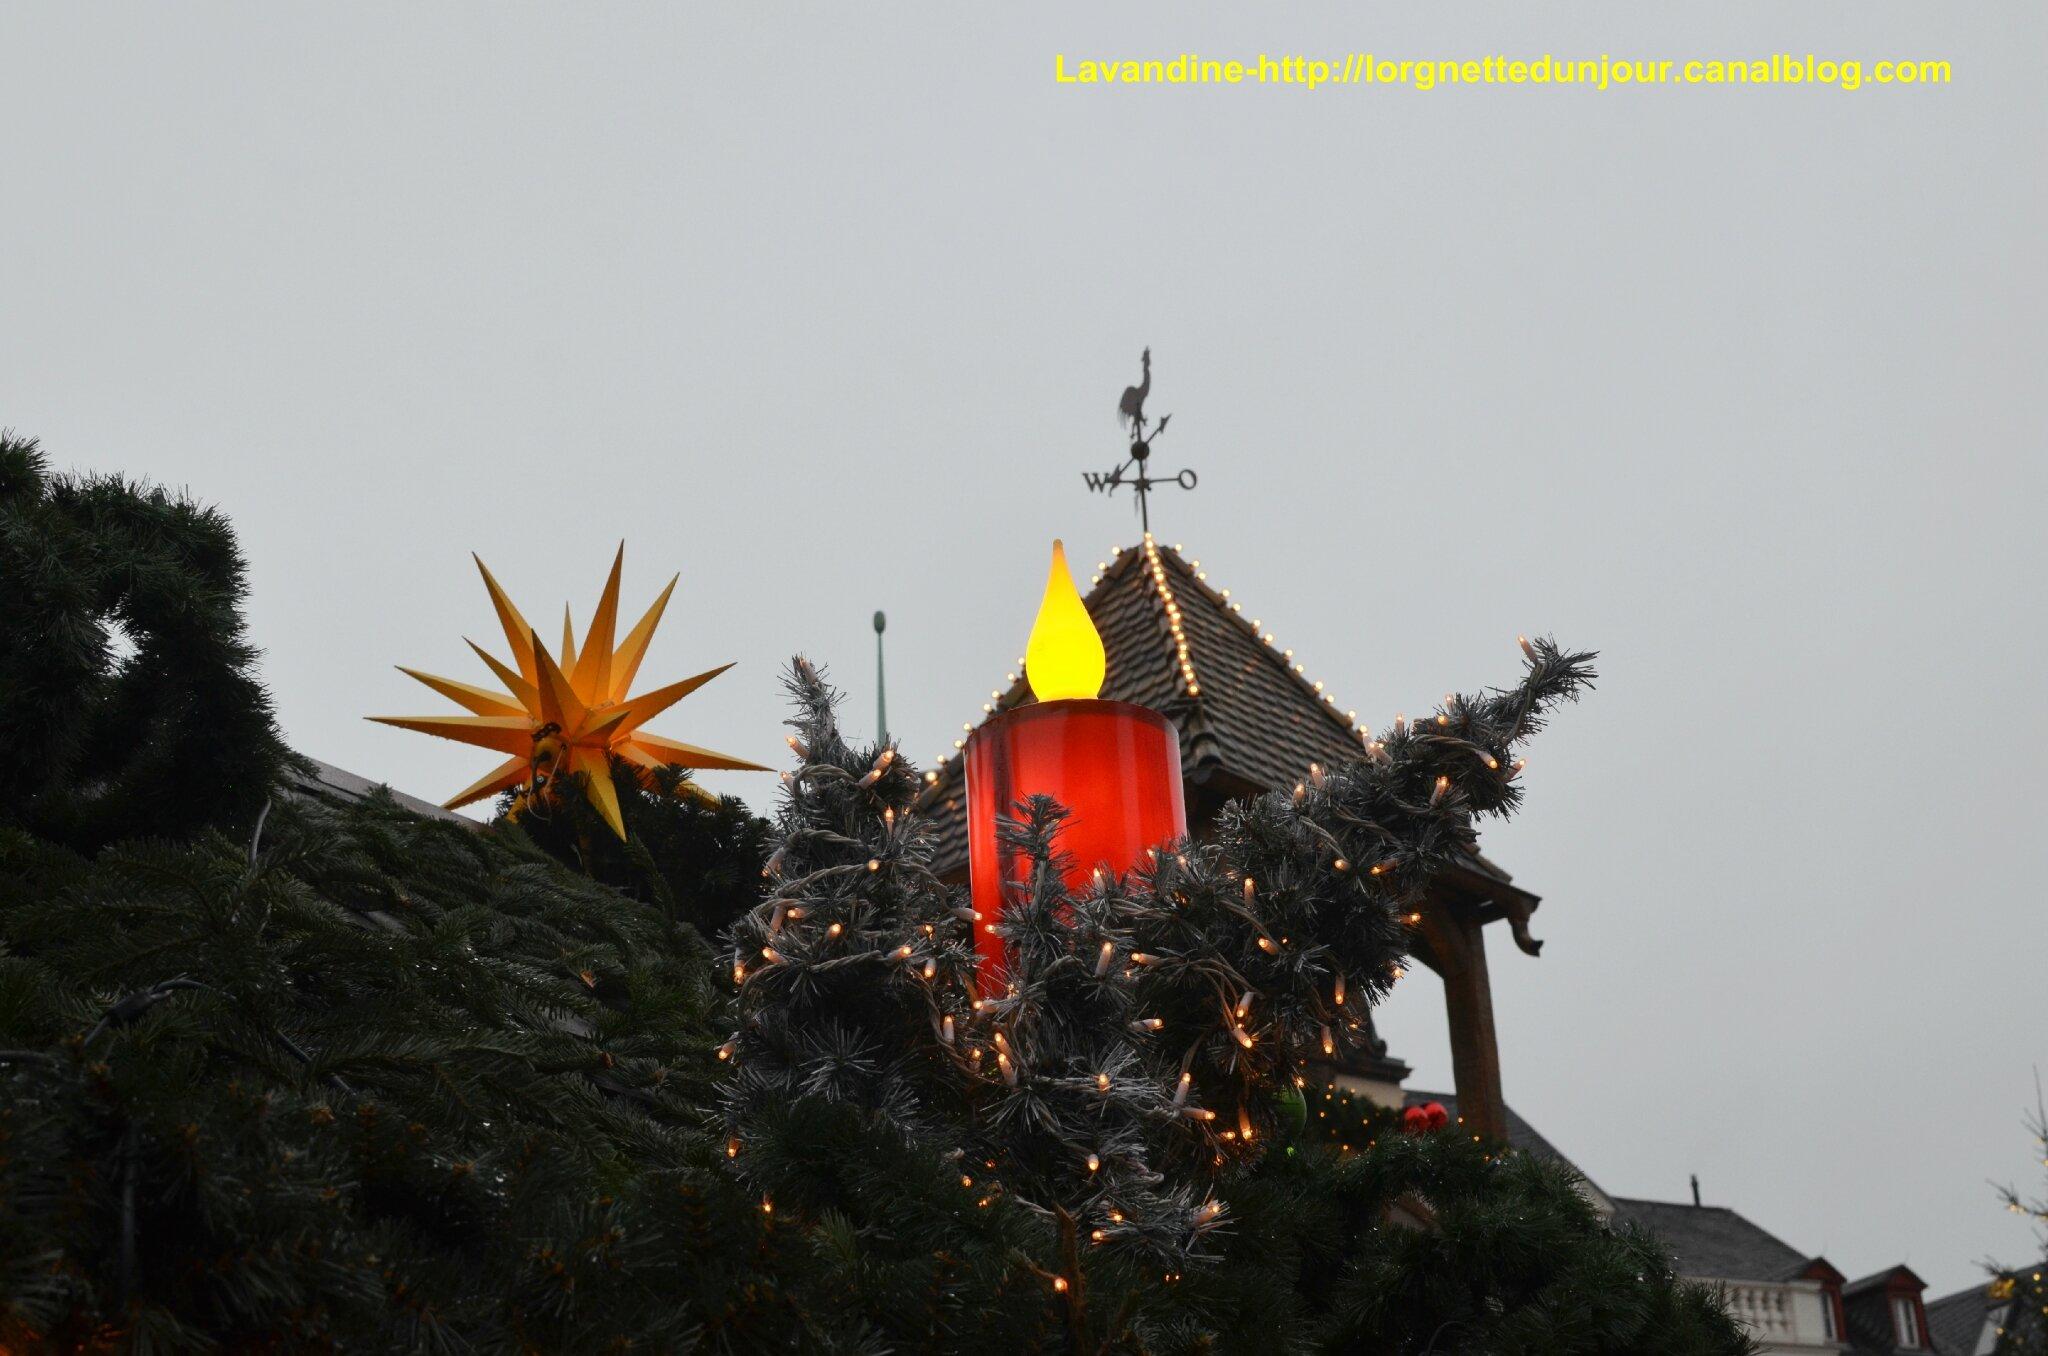 16/12/14 : Marché de Noël à Trèves